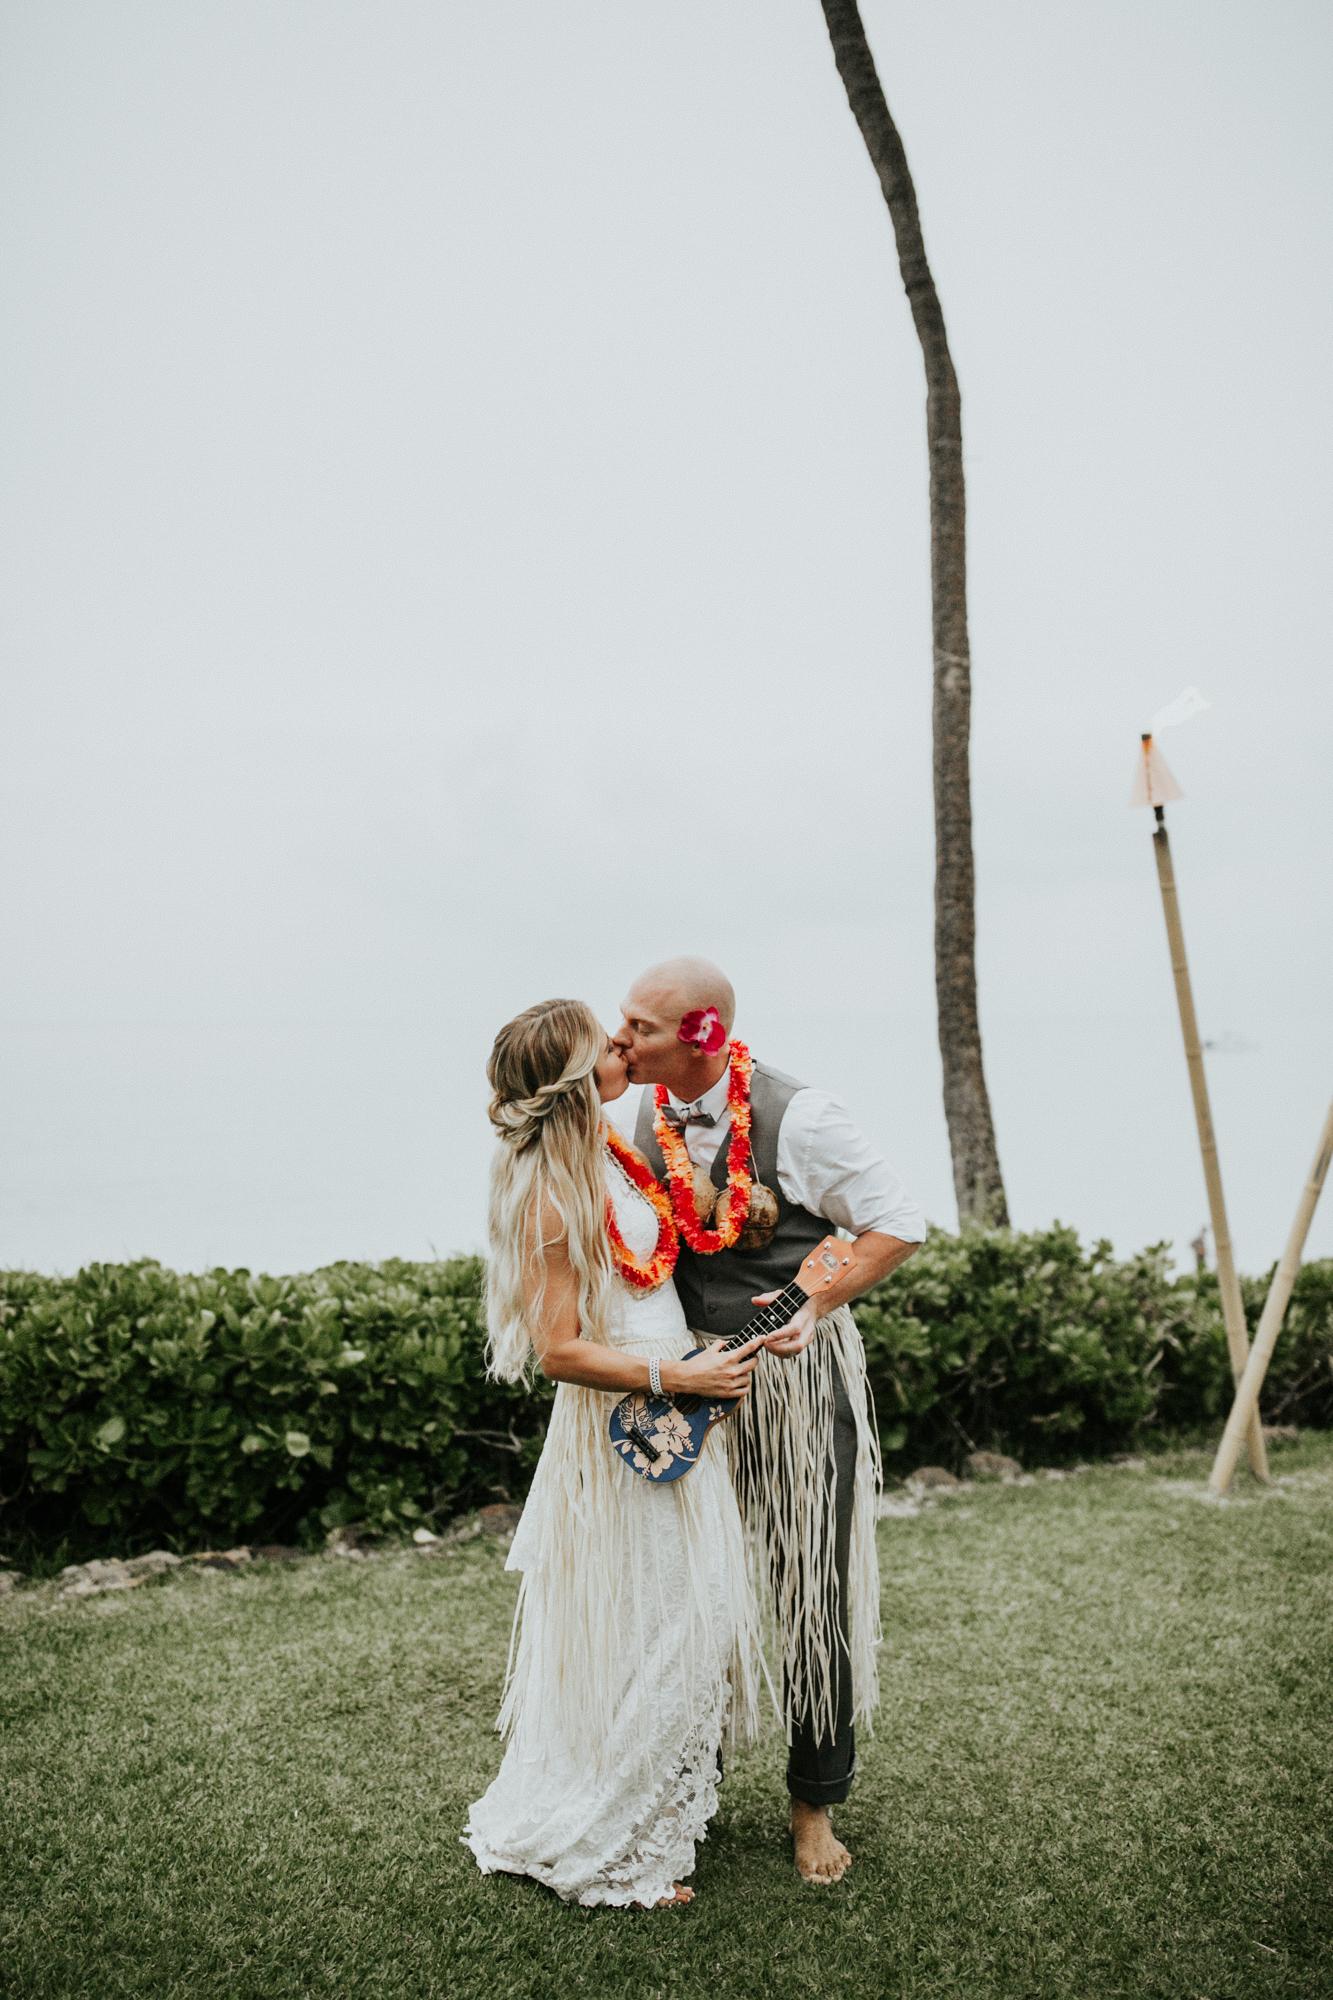 destination-wedding-photographer-hawaii-maui-elopement-98.jpg